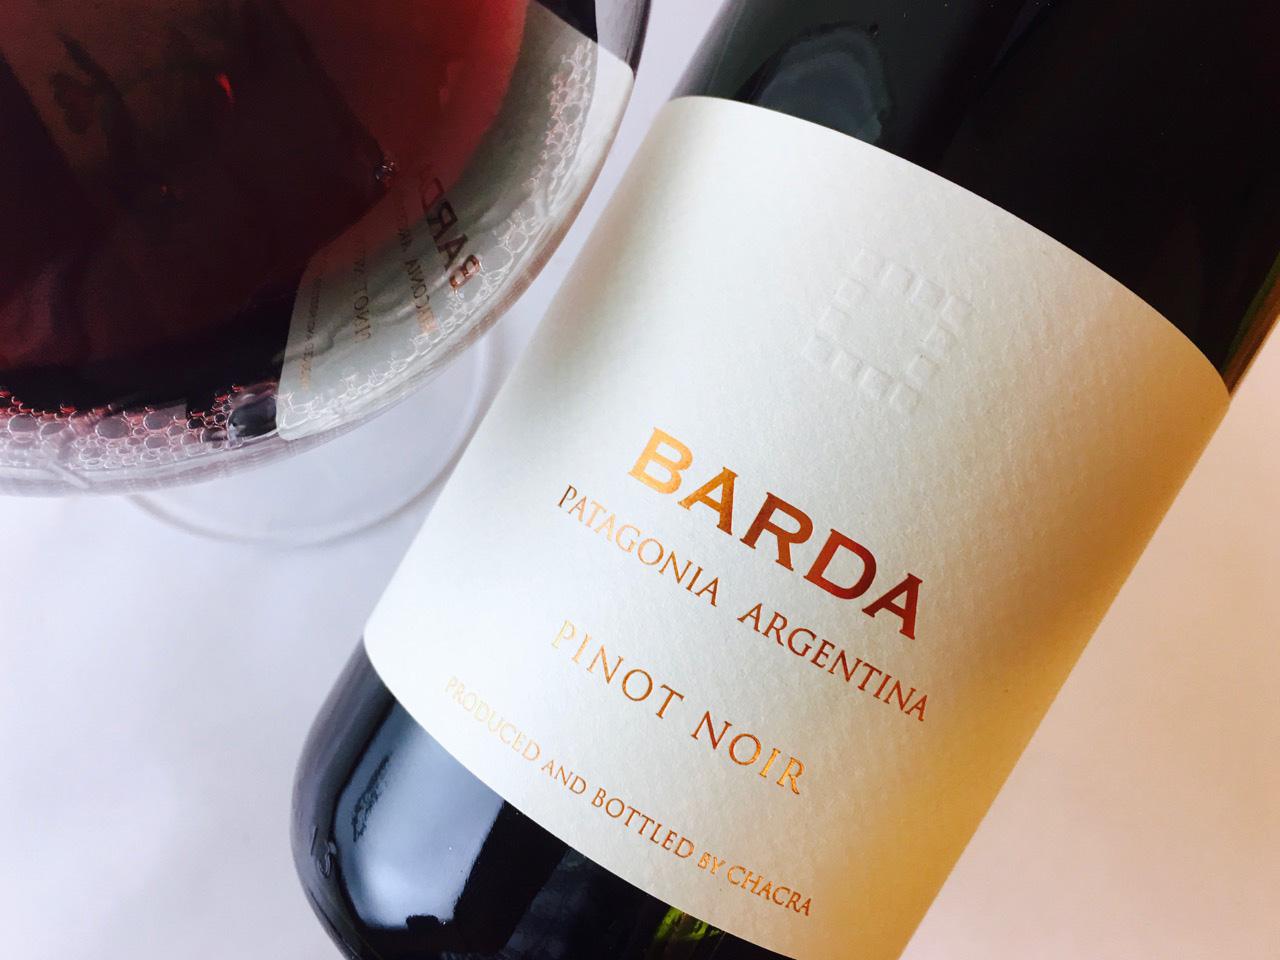 2013 Bodega Chacra Pinot Noir Barda Patagonia